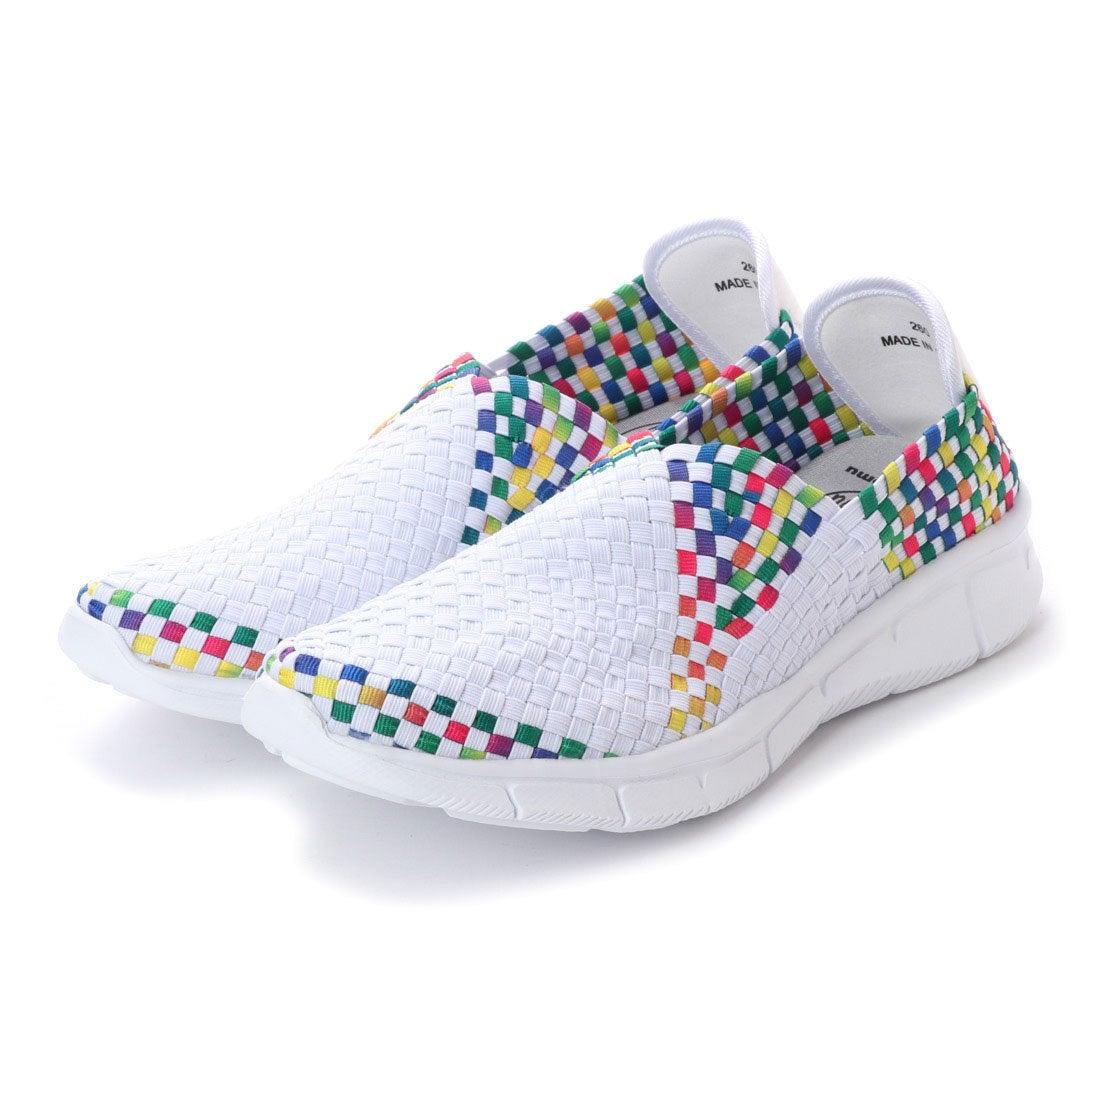 ゴムゴム Gomu56 MEN\u0027S Vカットメッシュデザインシューズ (ホワイト/レインボー) ,靴&ファッション通販 ロコンド〜自宅で試着、気軽に返品